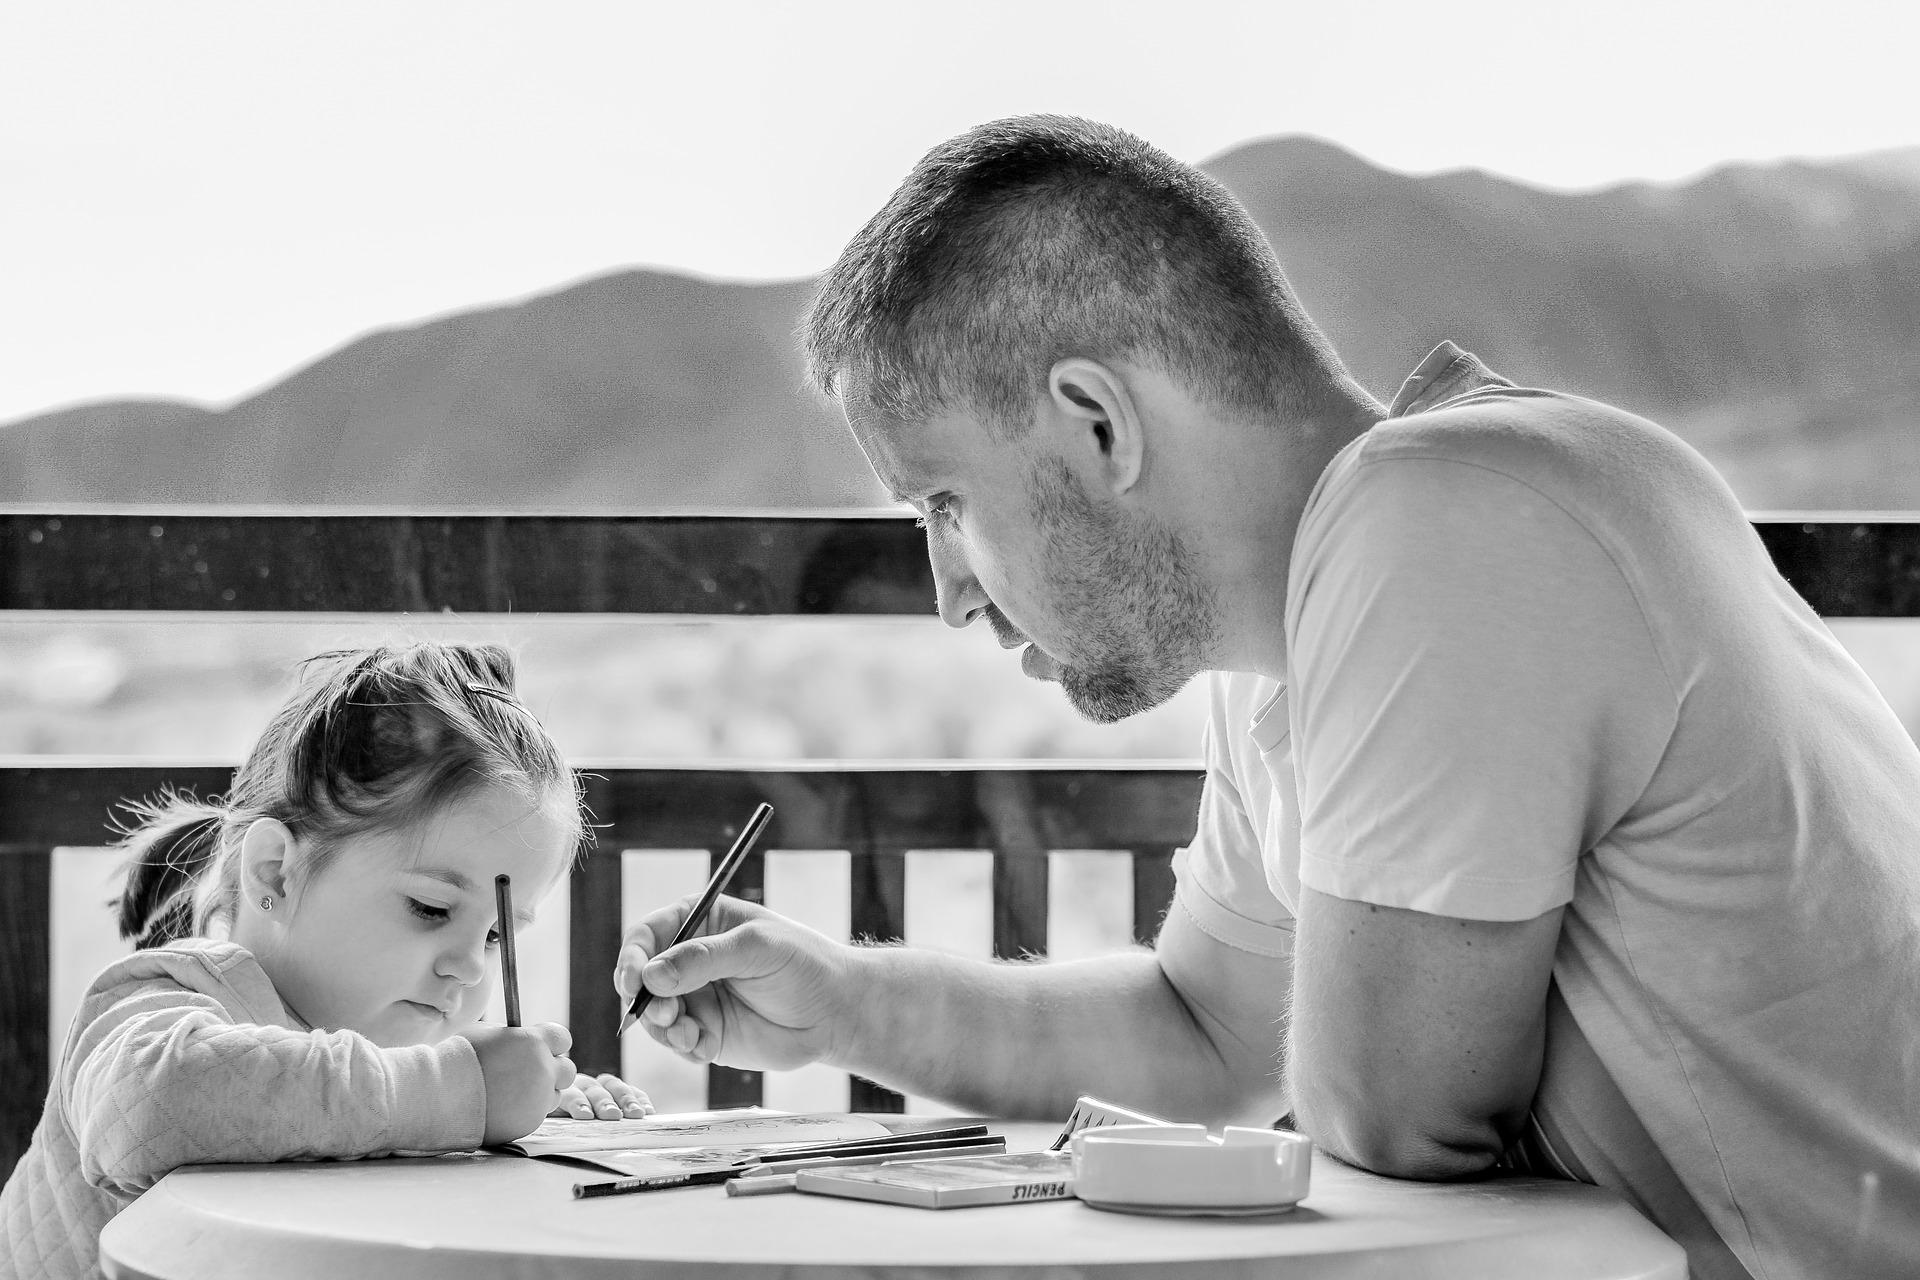 Gyerek apa közösen rajzol.